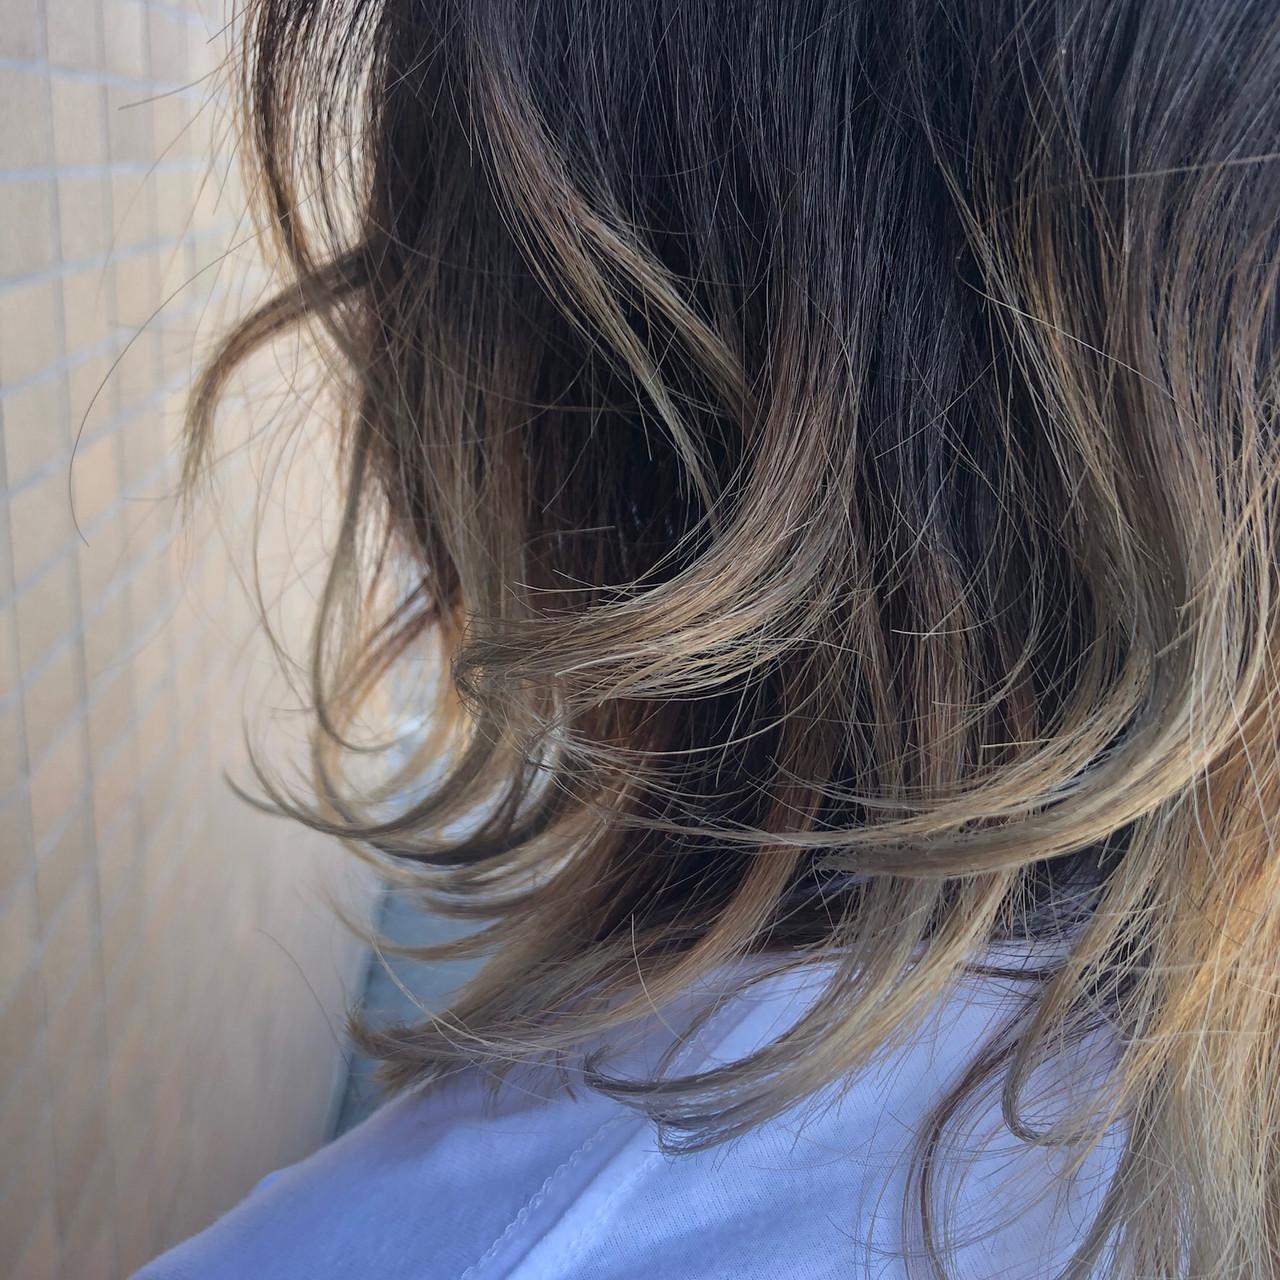 モード ヘアアレンジ グラデーションカラー ミディアム ヘアスタイルや髪型の写真・画像